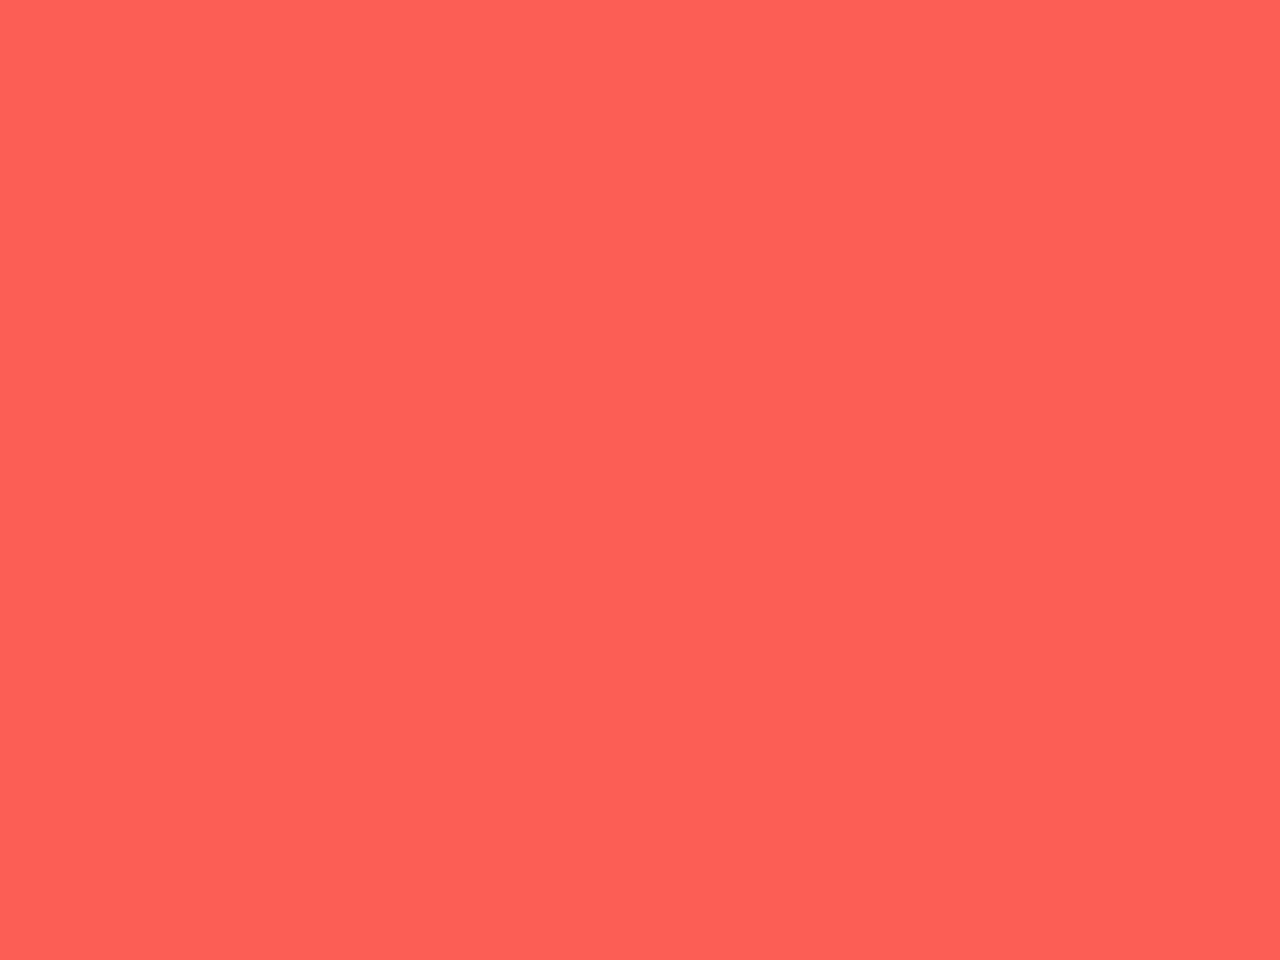 1280x960 Sunset Orange Solid Color Background